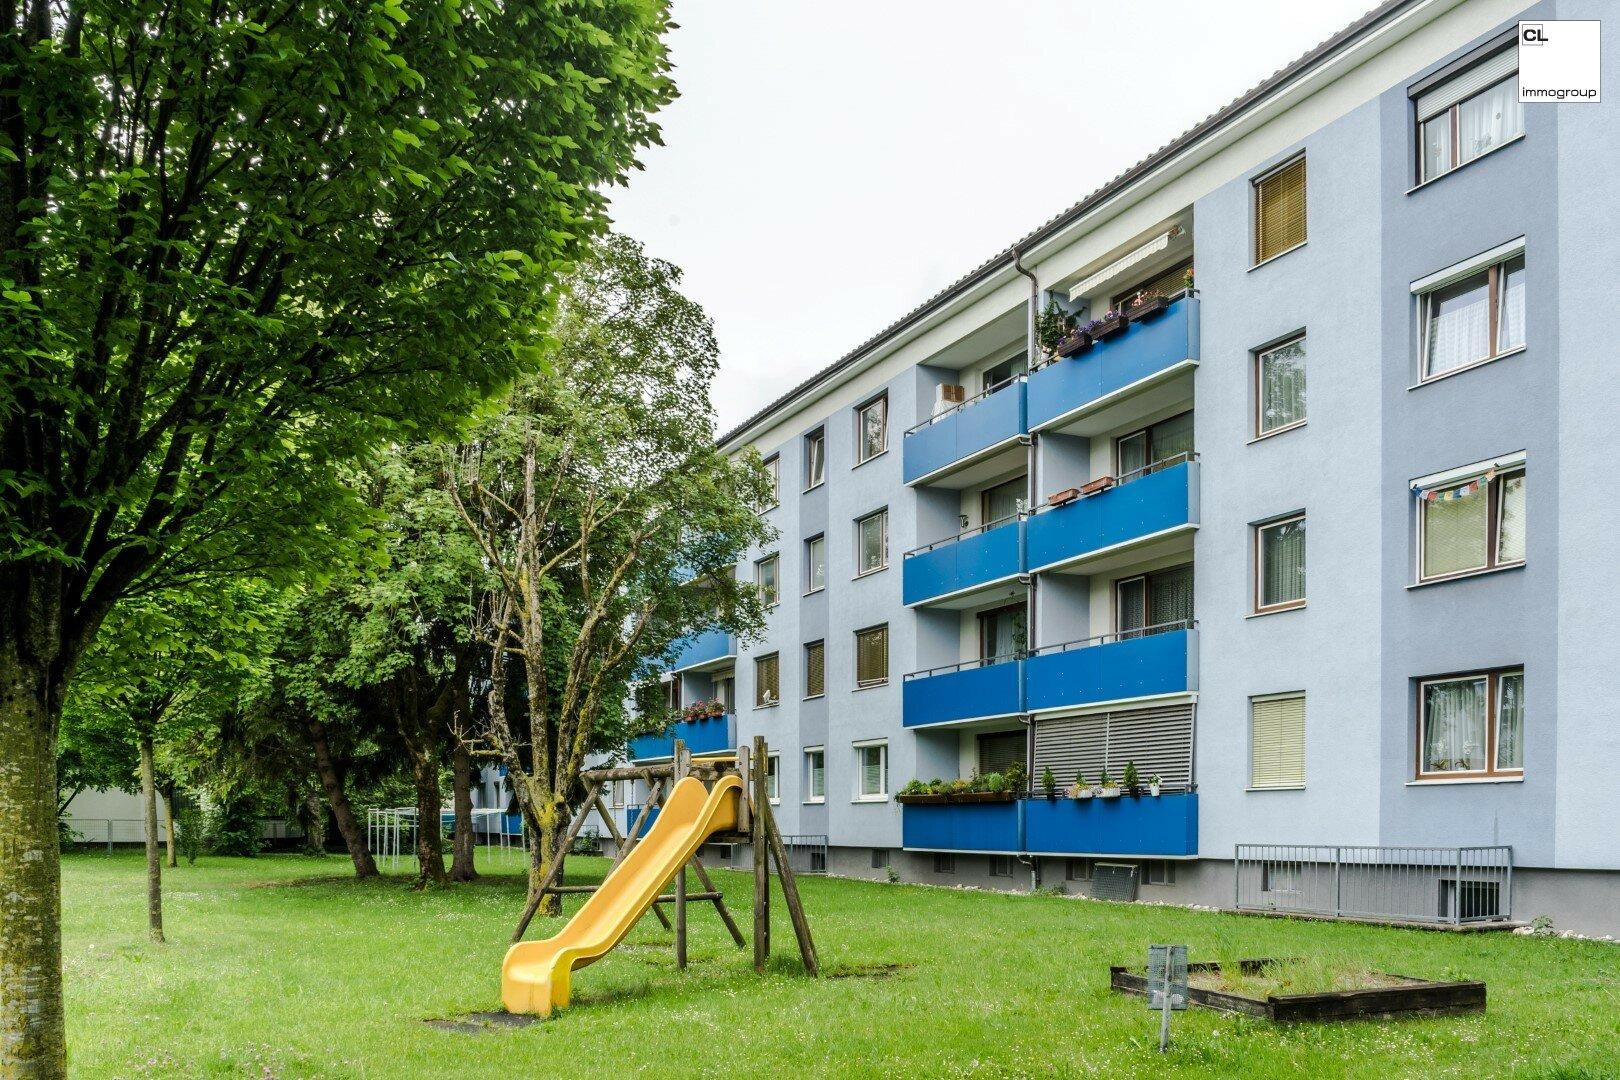 Ansicht Aussenanlage von ruhiger 3-Zimmer-Wohnung in Salzburg zu kaufen www.cl-immogroup.at